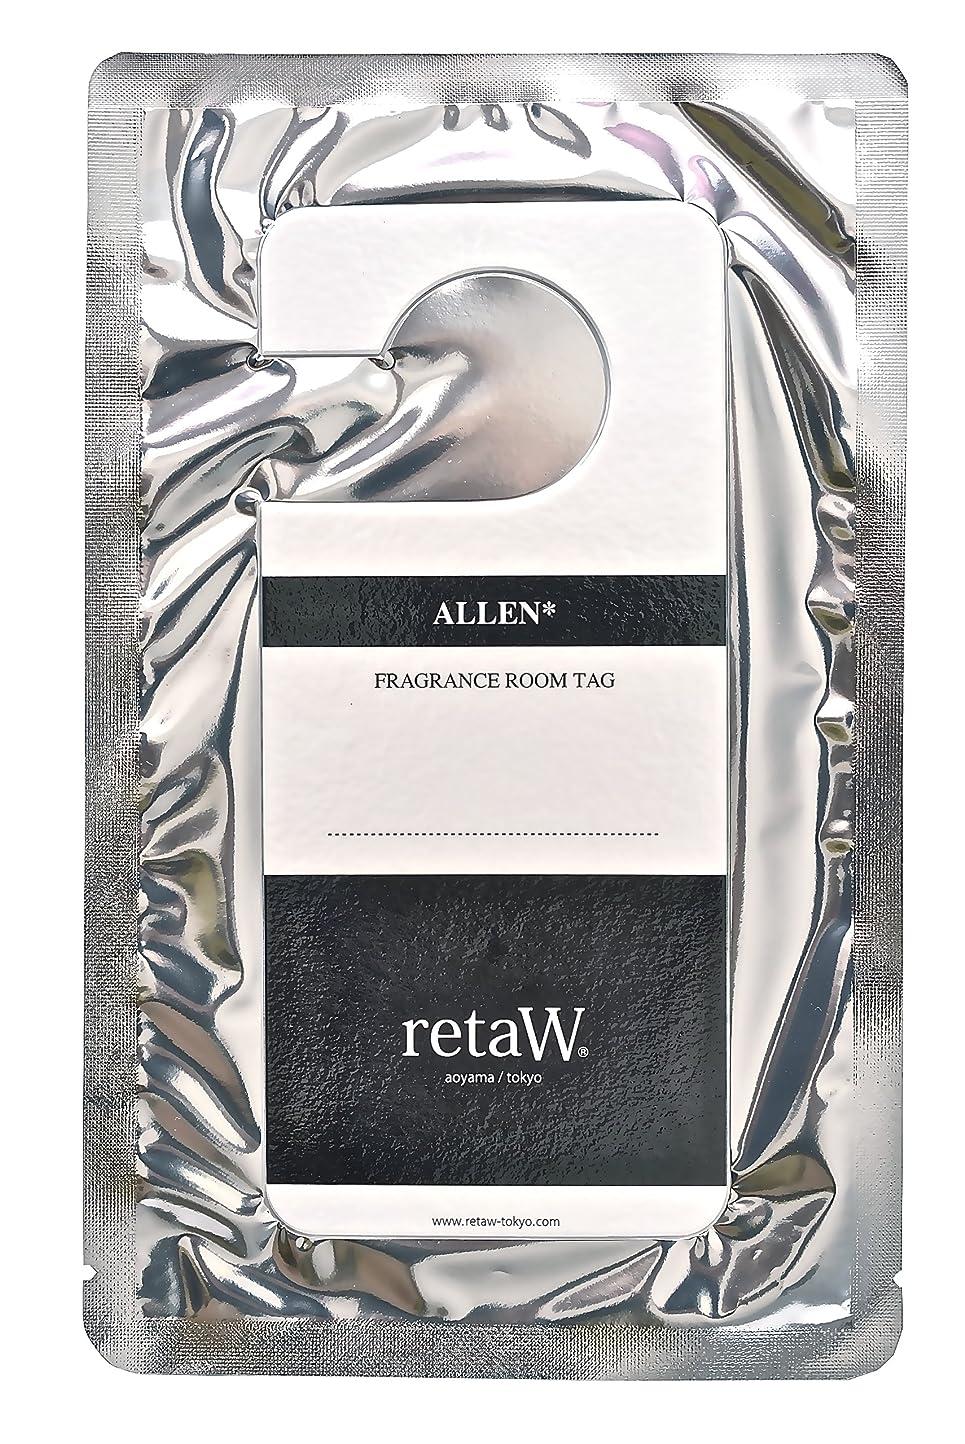 振動させる動機勇気のある【retaW】 フレグランス ルームタグ(紙香) ALLEN*